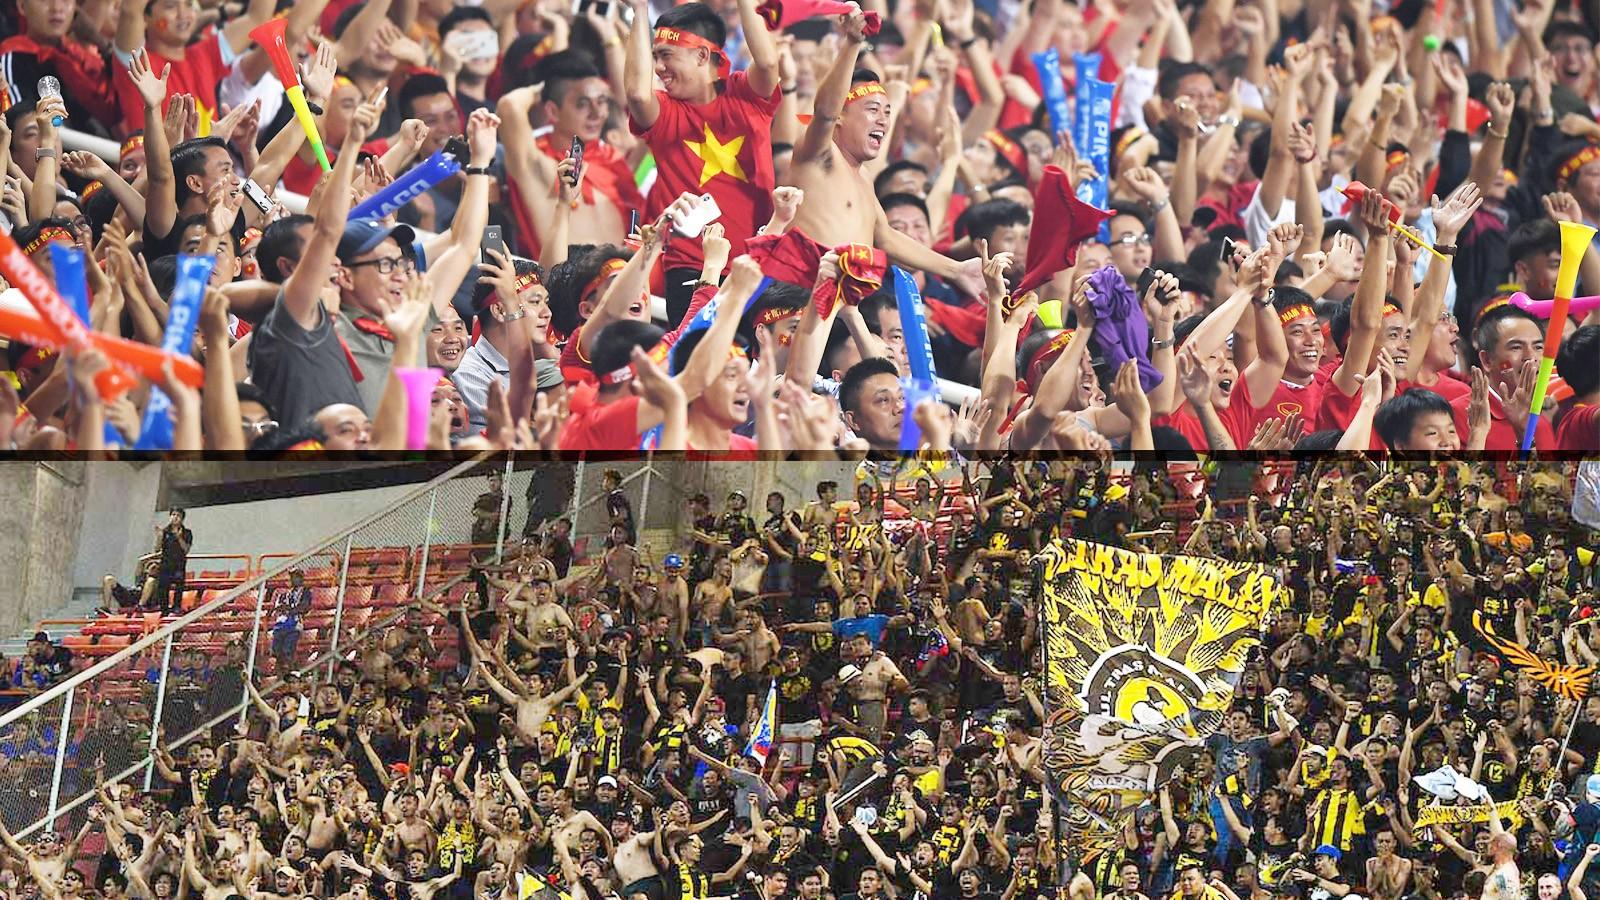 HLV Malaysia: Chung bảng Việt Nam, Thái Lan tại vòng loại World Cup chỉ sướng CĐV Đông Nam Á-2